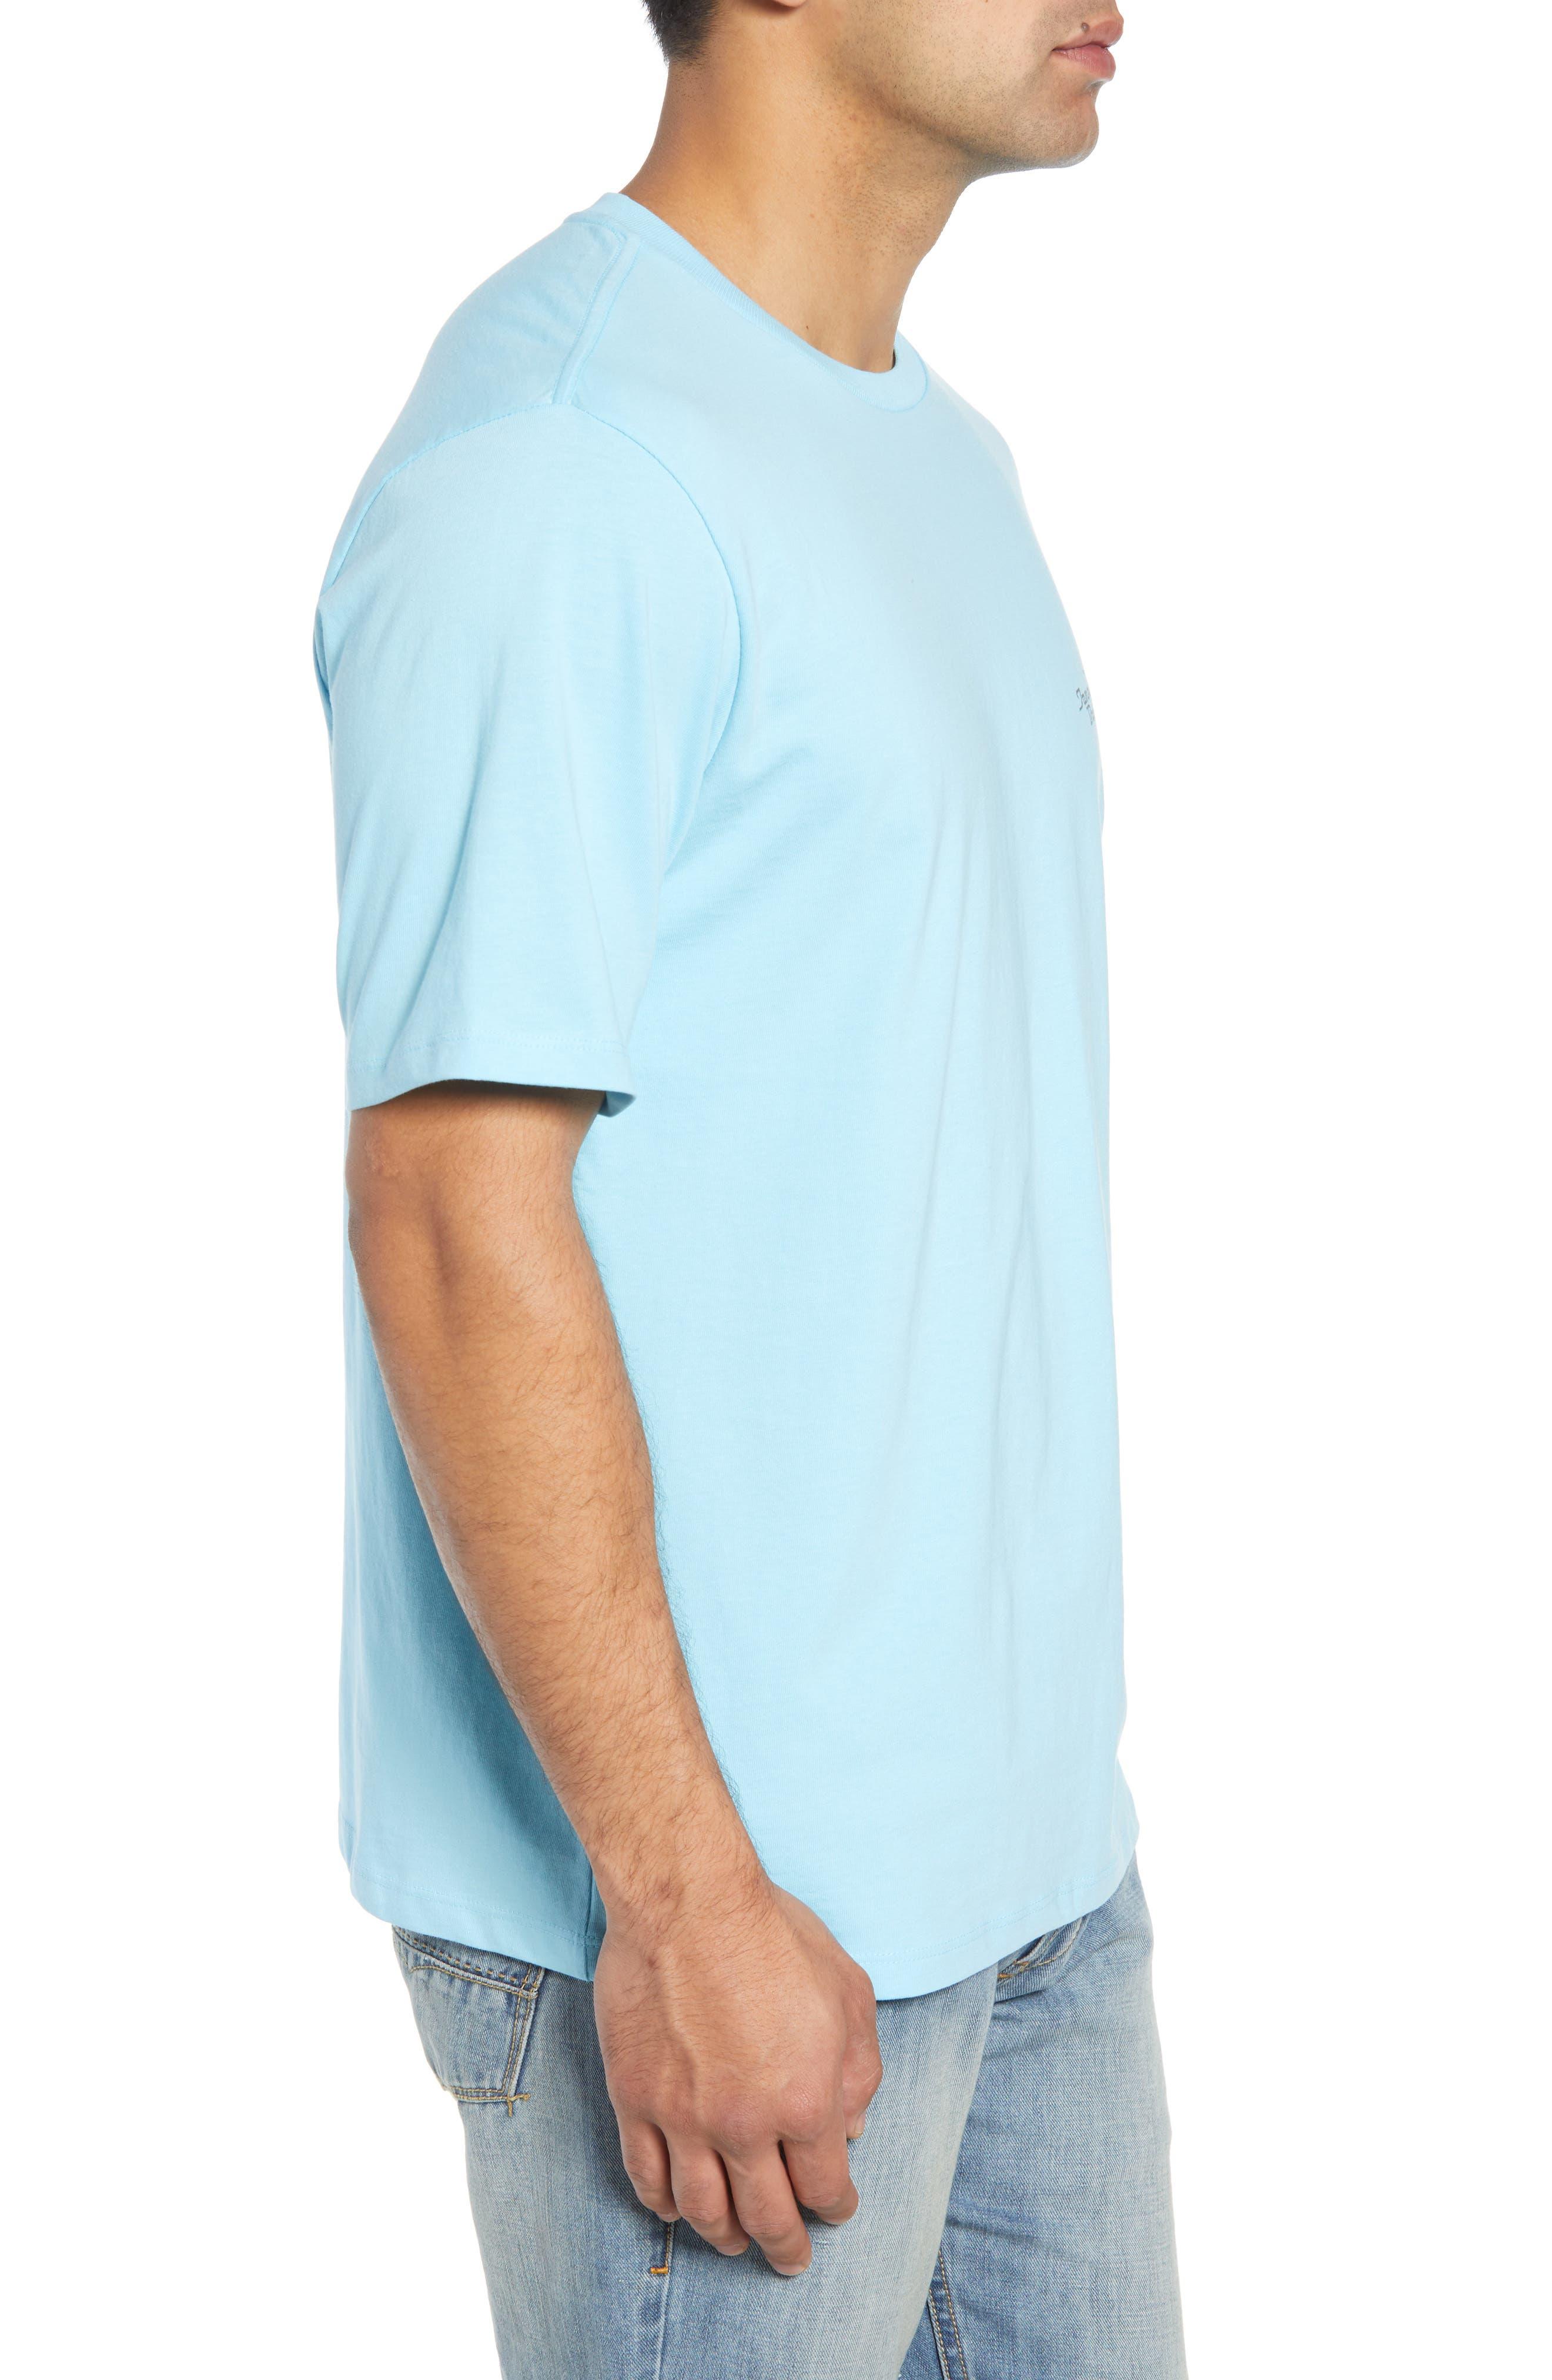 Beach Grille T-Shirt,                             Alternate thumbnail 4, color,                             Bowtie Blue